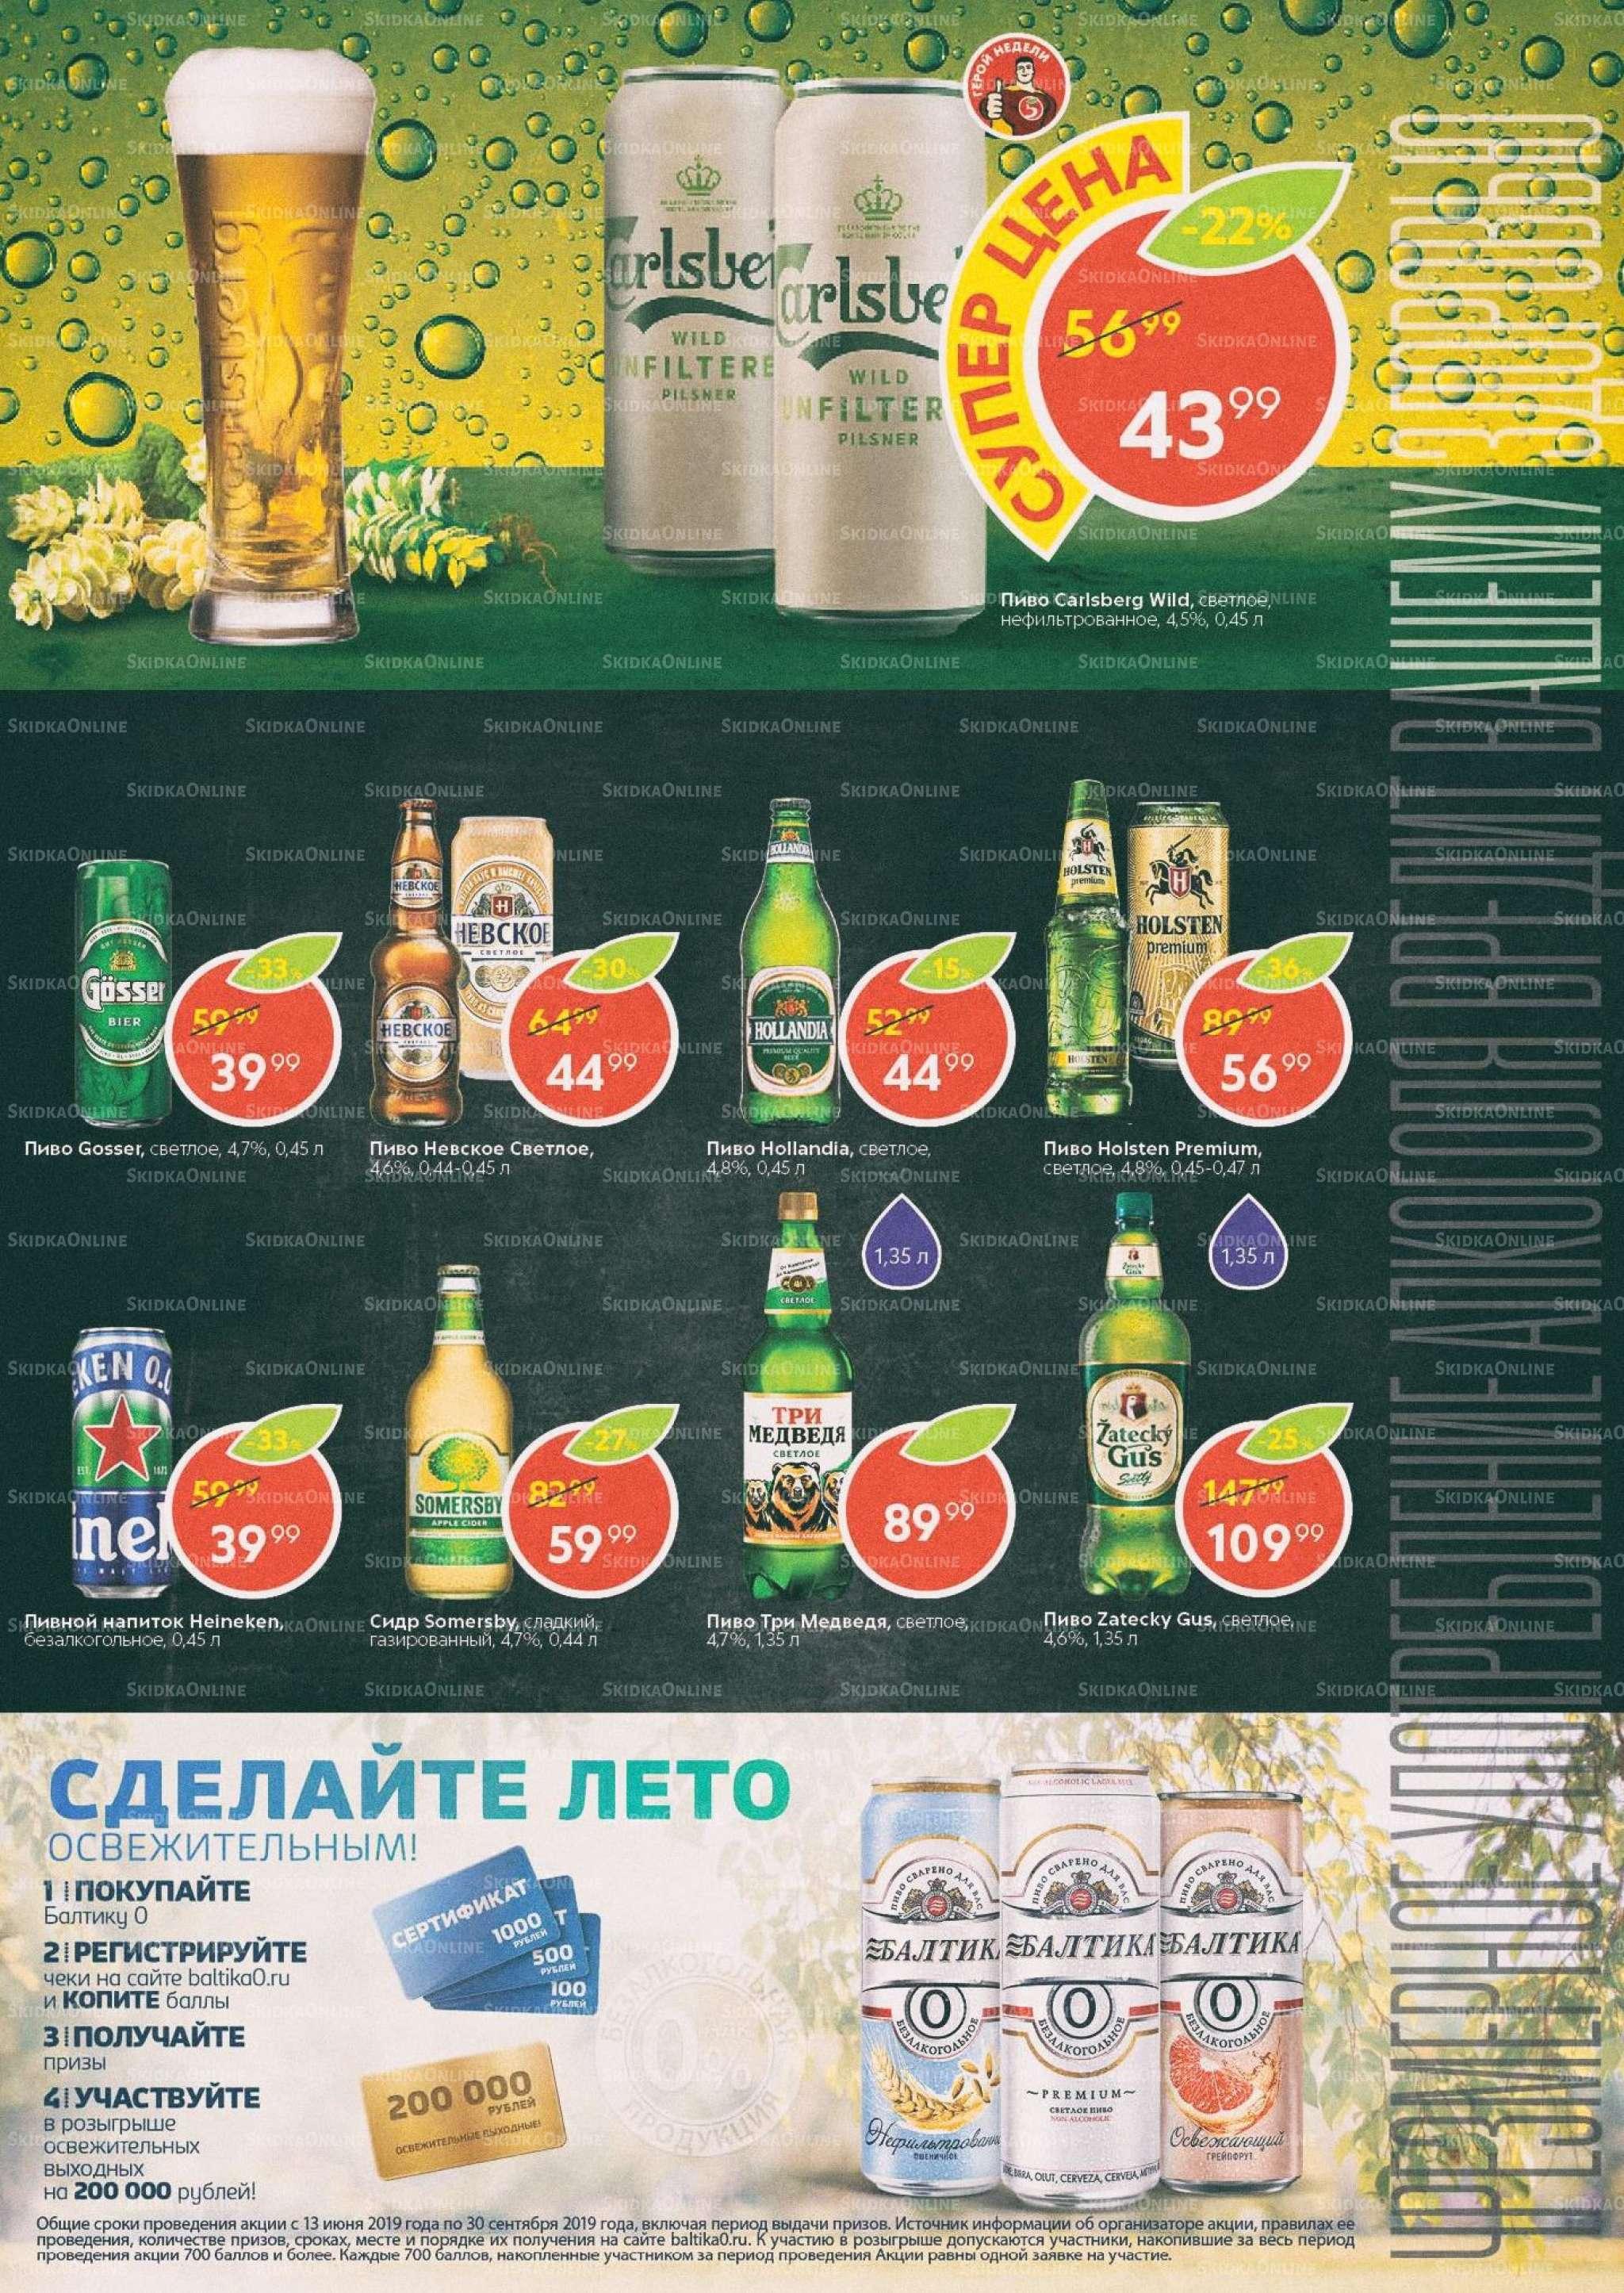 Акции в Пятёрочке с 30 июля по 5 августа 2019 года